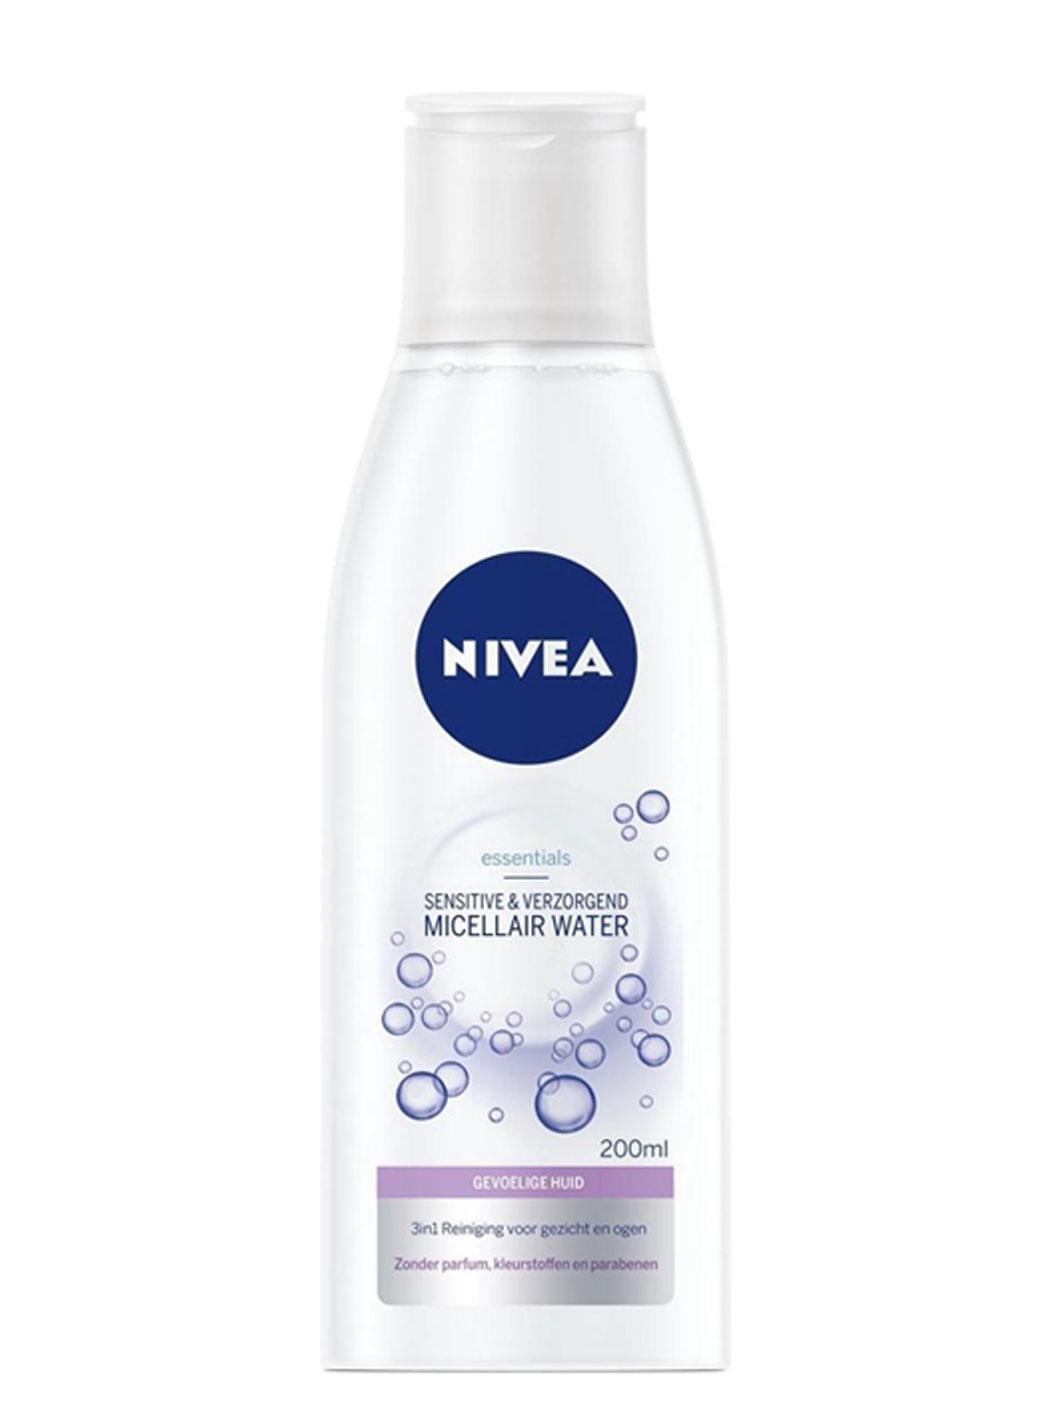 Verzorgend micellair water voor de gevoelige huid (200 ml)